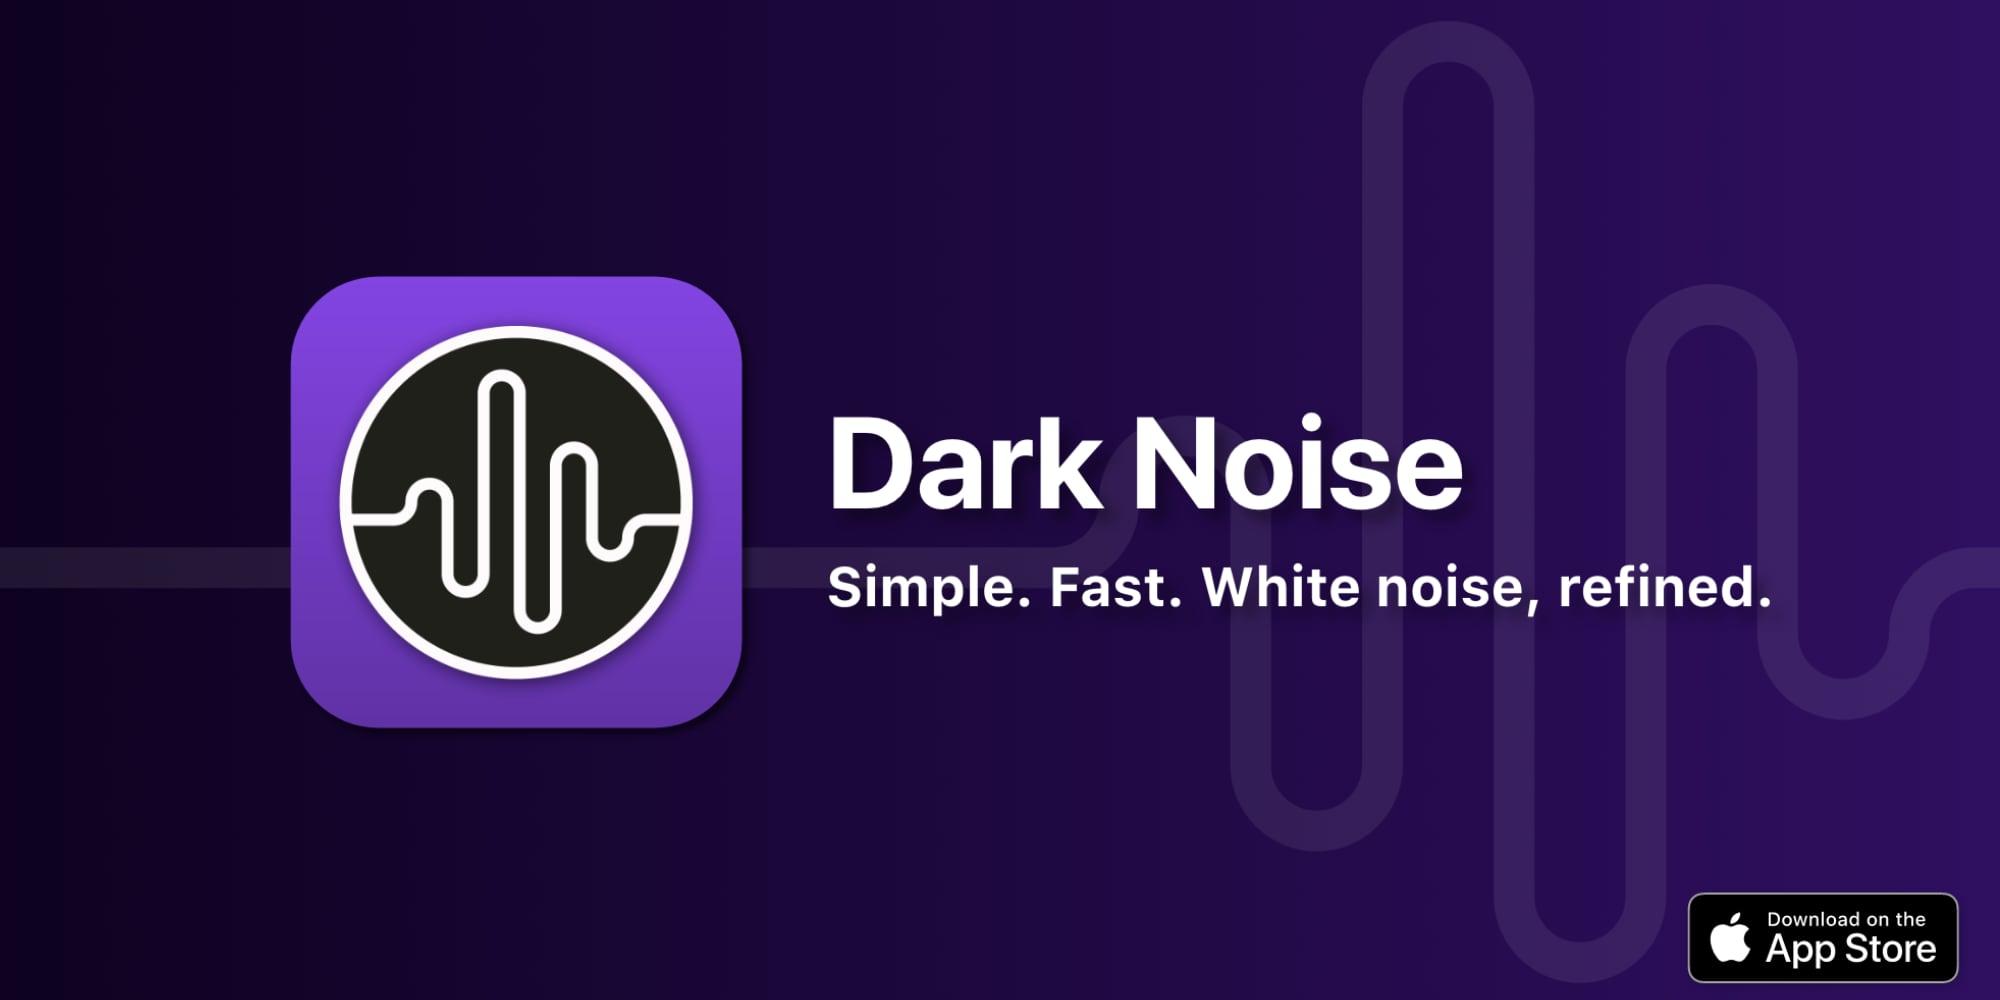 Dark-noise